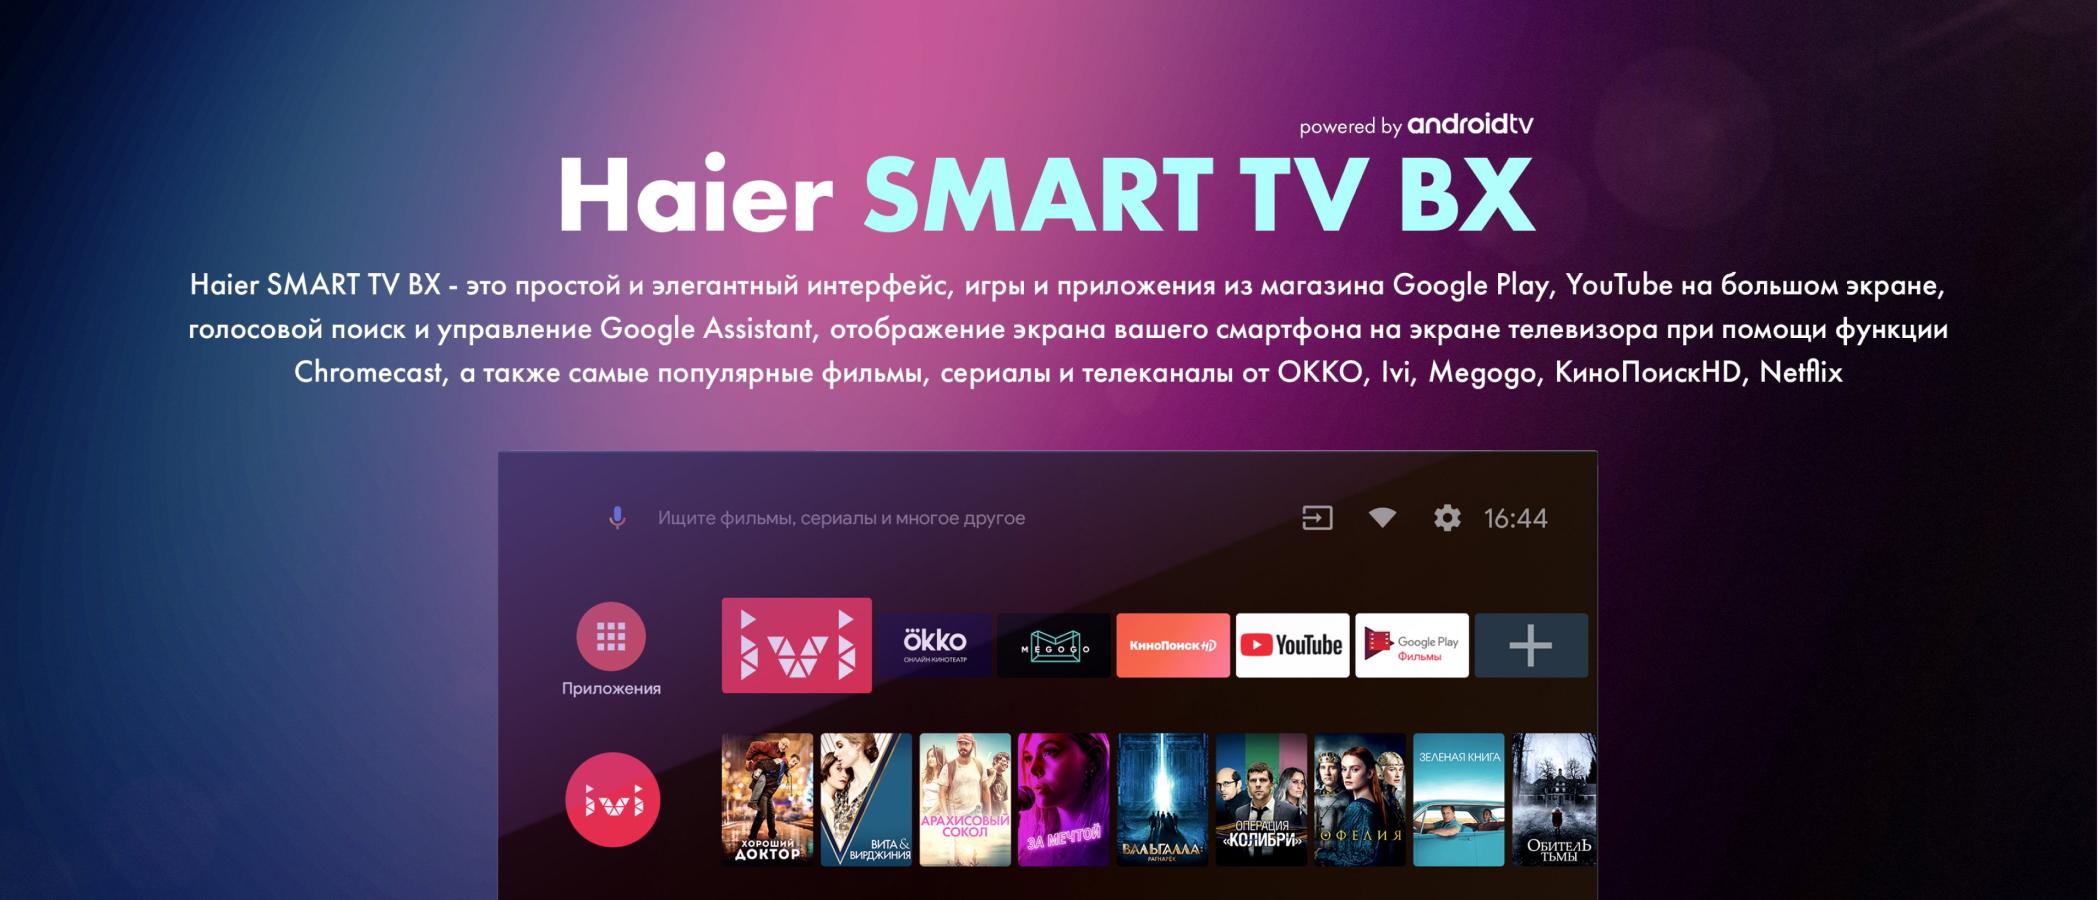 Haier Smart TV BX